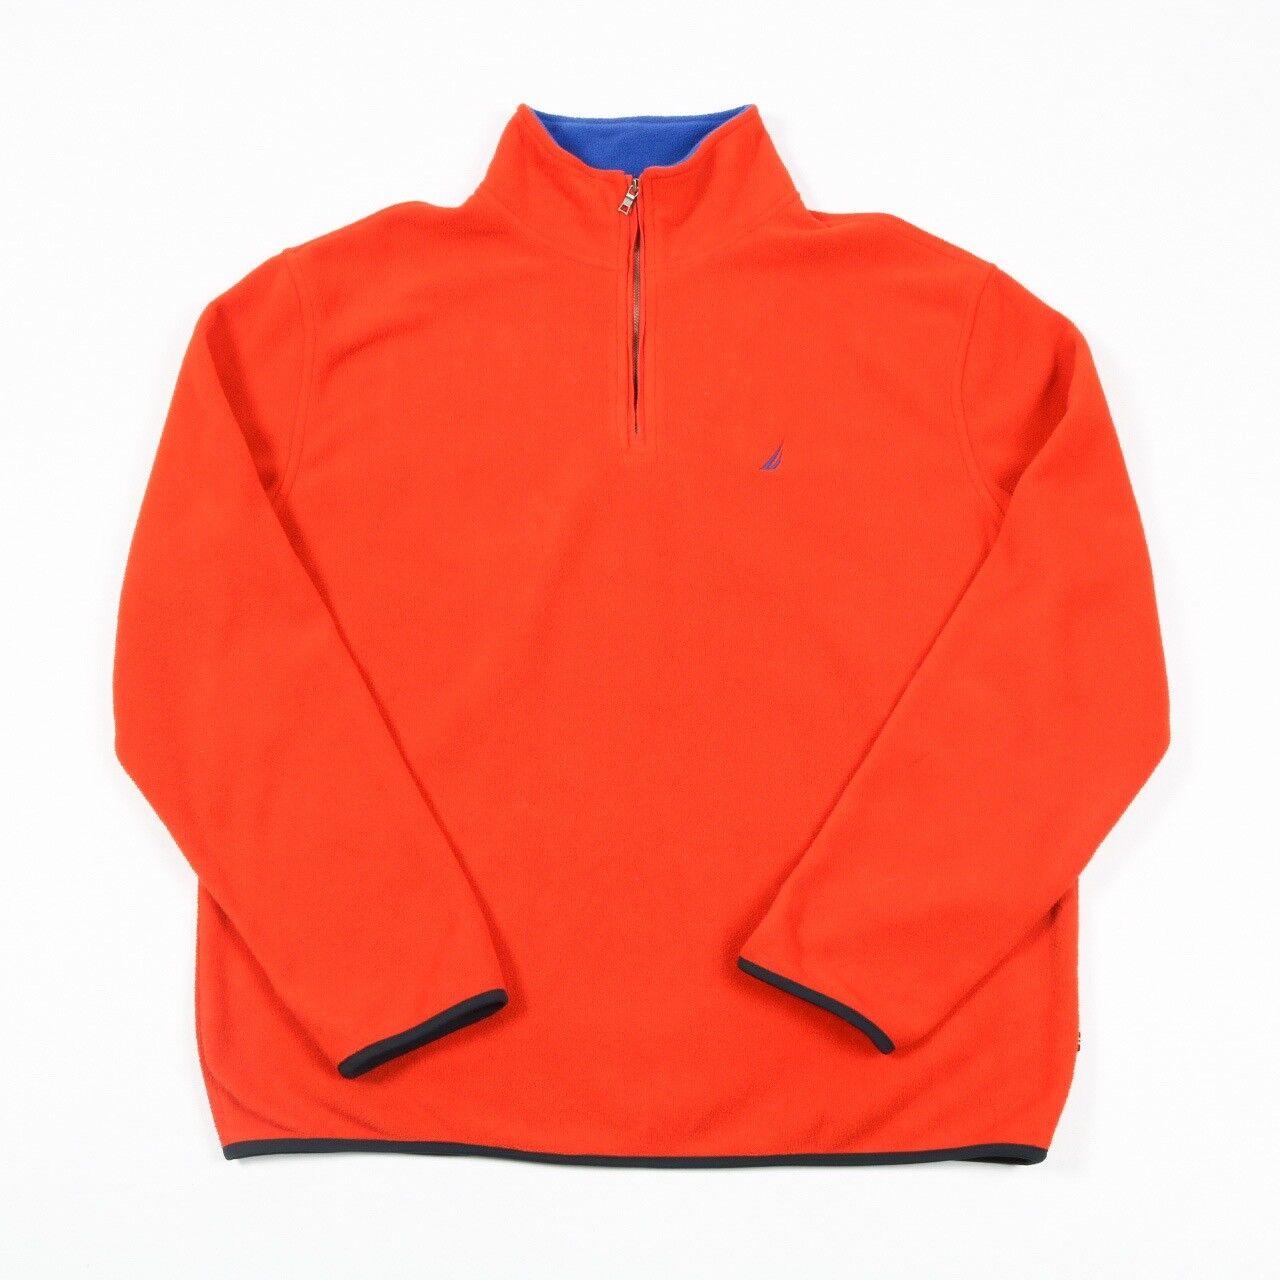 VGC 90s Vintage NAUTICA Quarter Zip Fleece   herren L   schweißhemd jacke 1 4